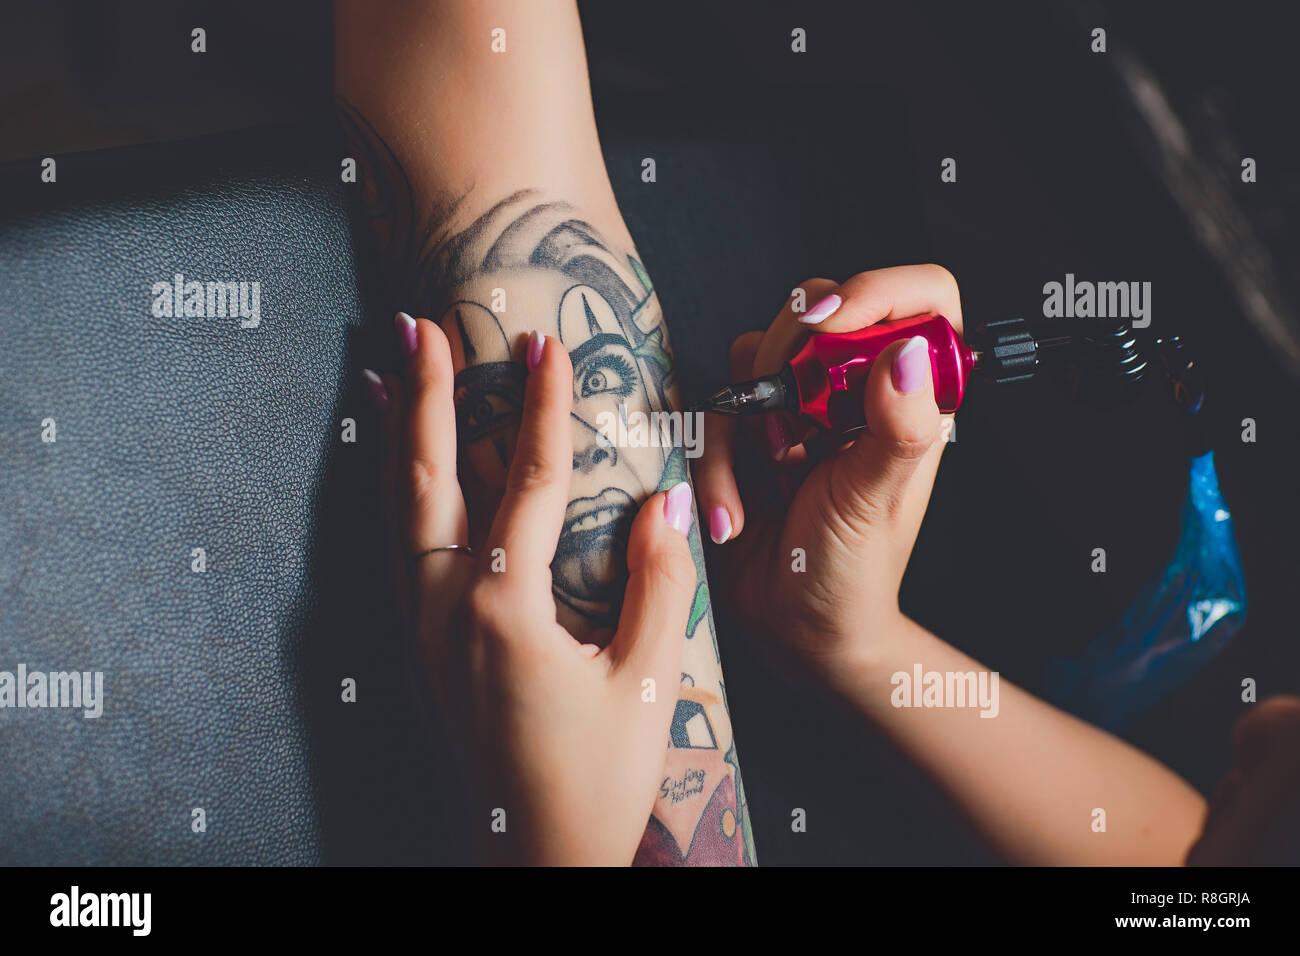 Artiste De Tatouage De Fille Faisant Un Tatouage Sur Sa Main Rose